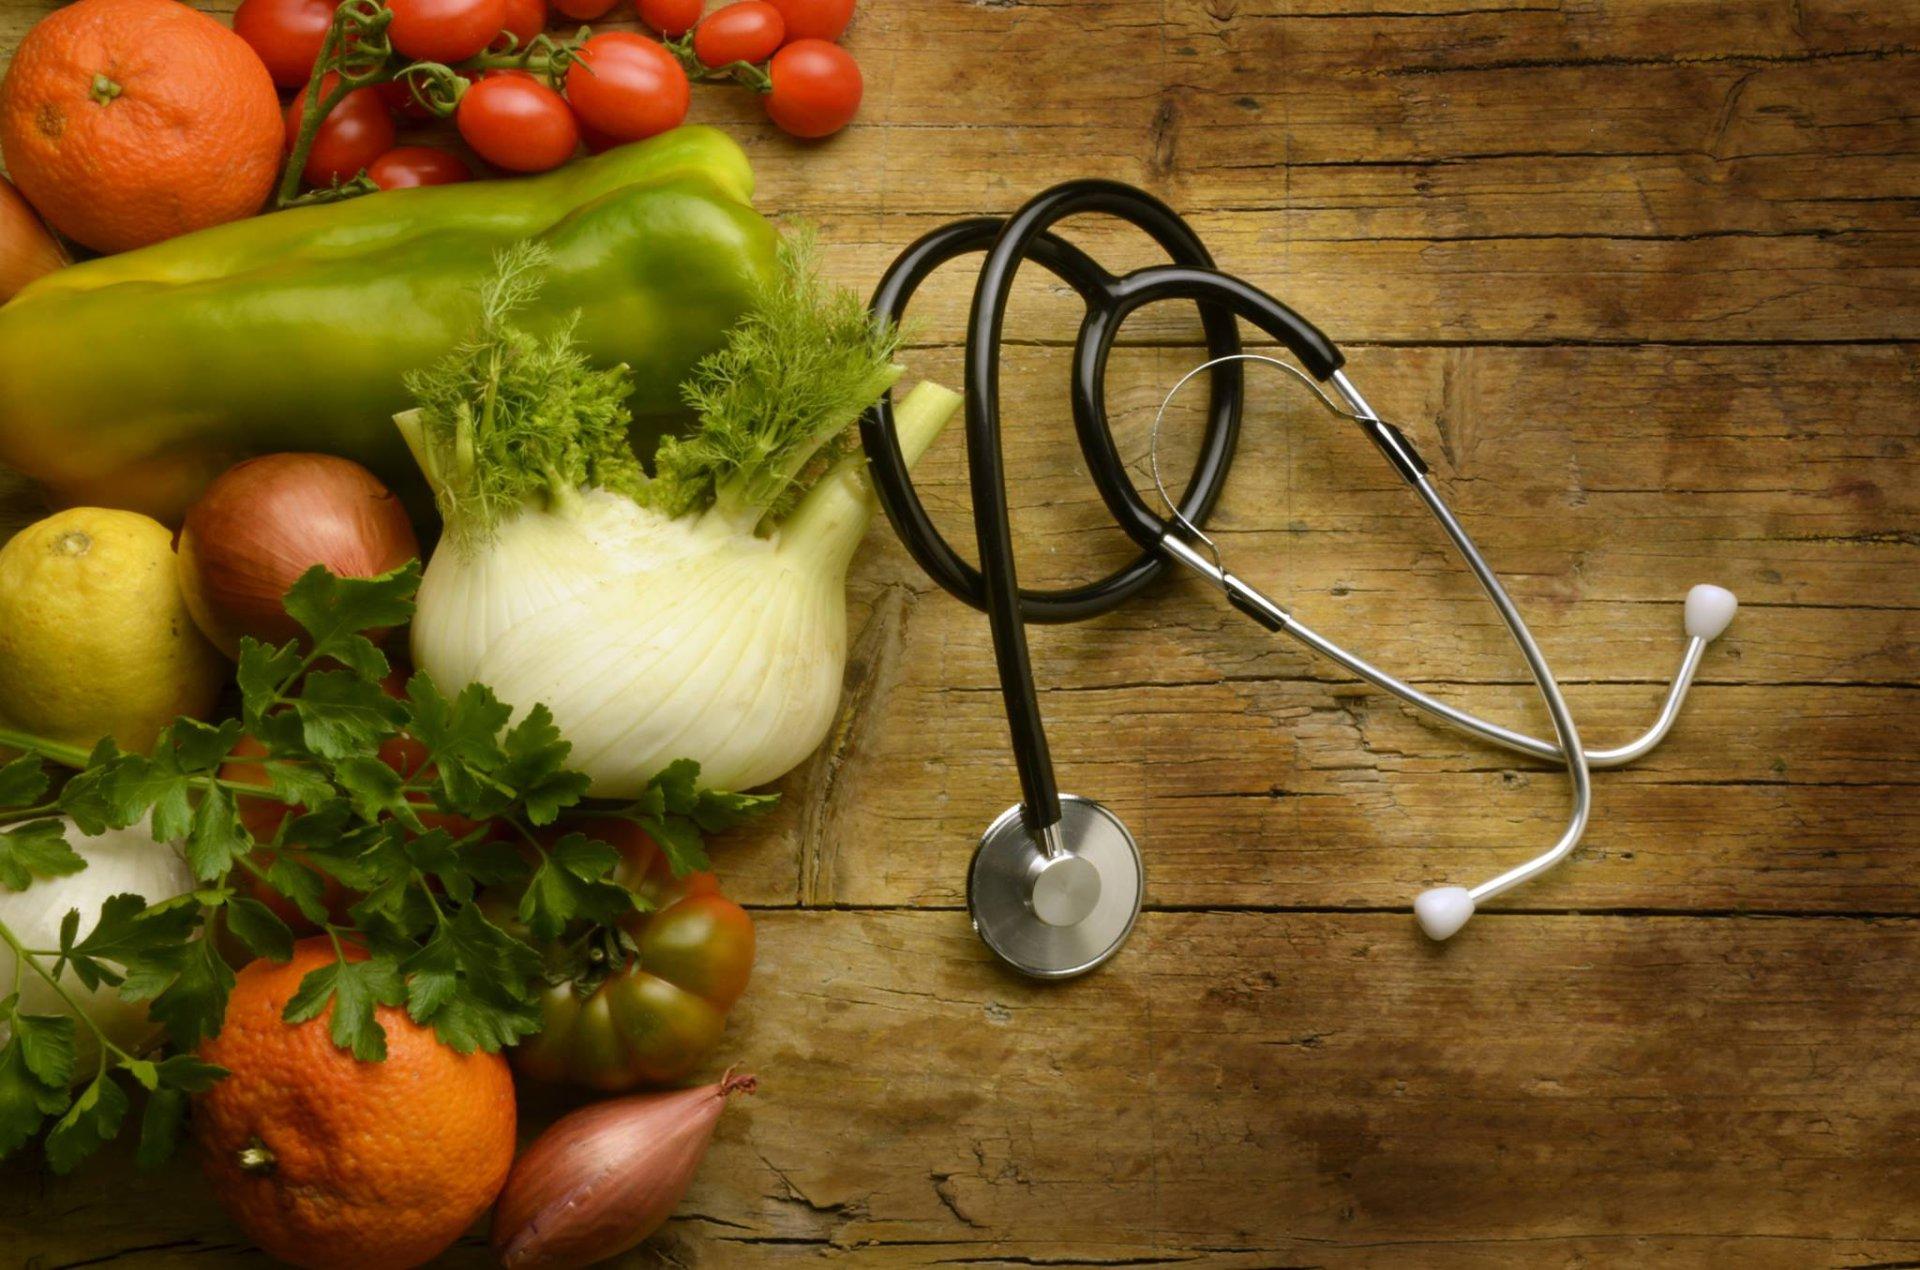 mityba hipertenzijai esant jaunam amžiui apytikslis 2 laipsnių hipertenzijos meniu